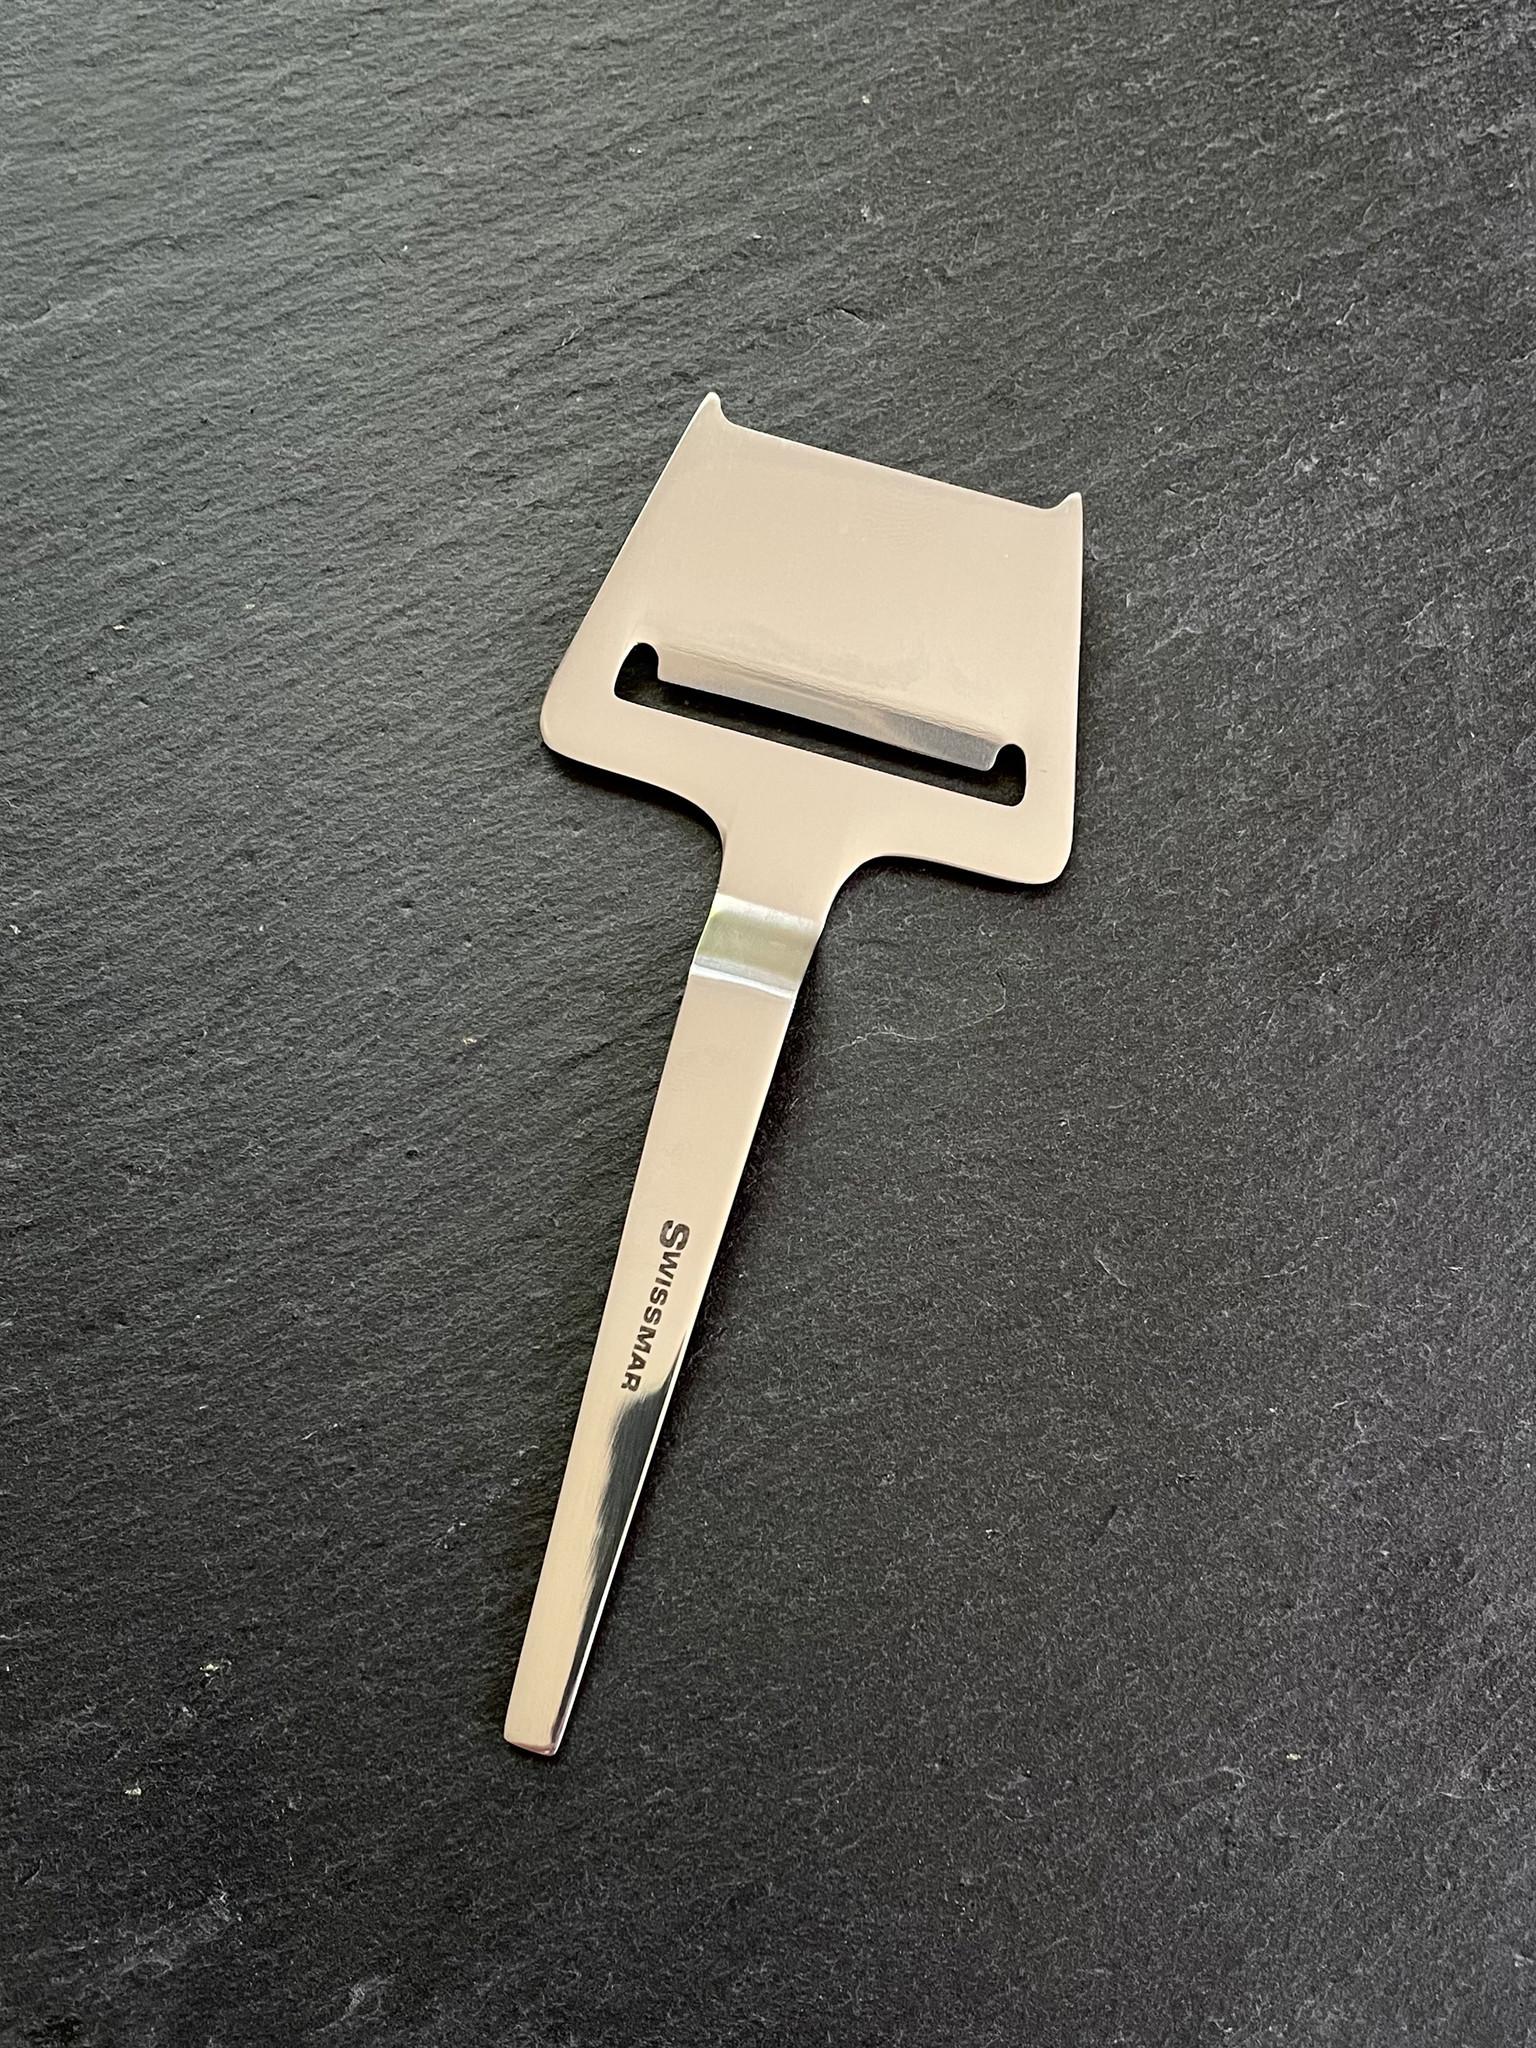 Swissmar Slimline Stainless Cheese Knives-5